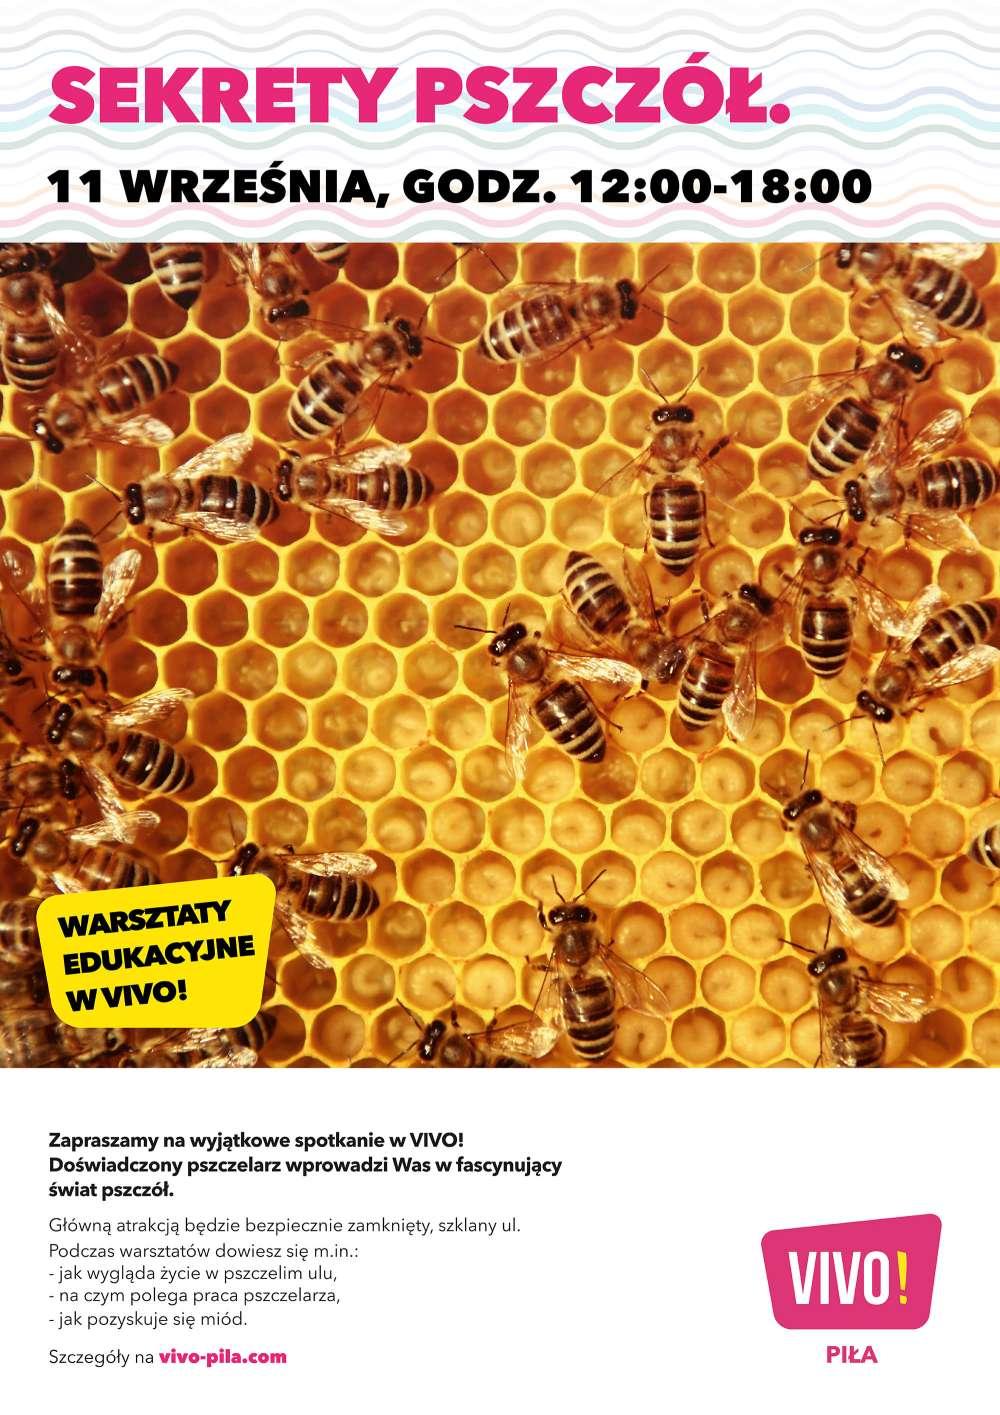 Sekrety Pszczół, czyli spotkanie z Pszczelarium w VIVO! Piła